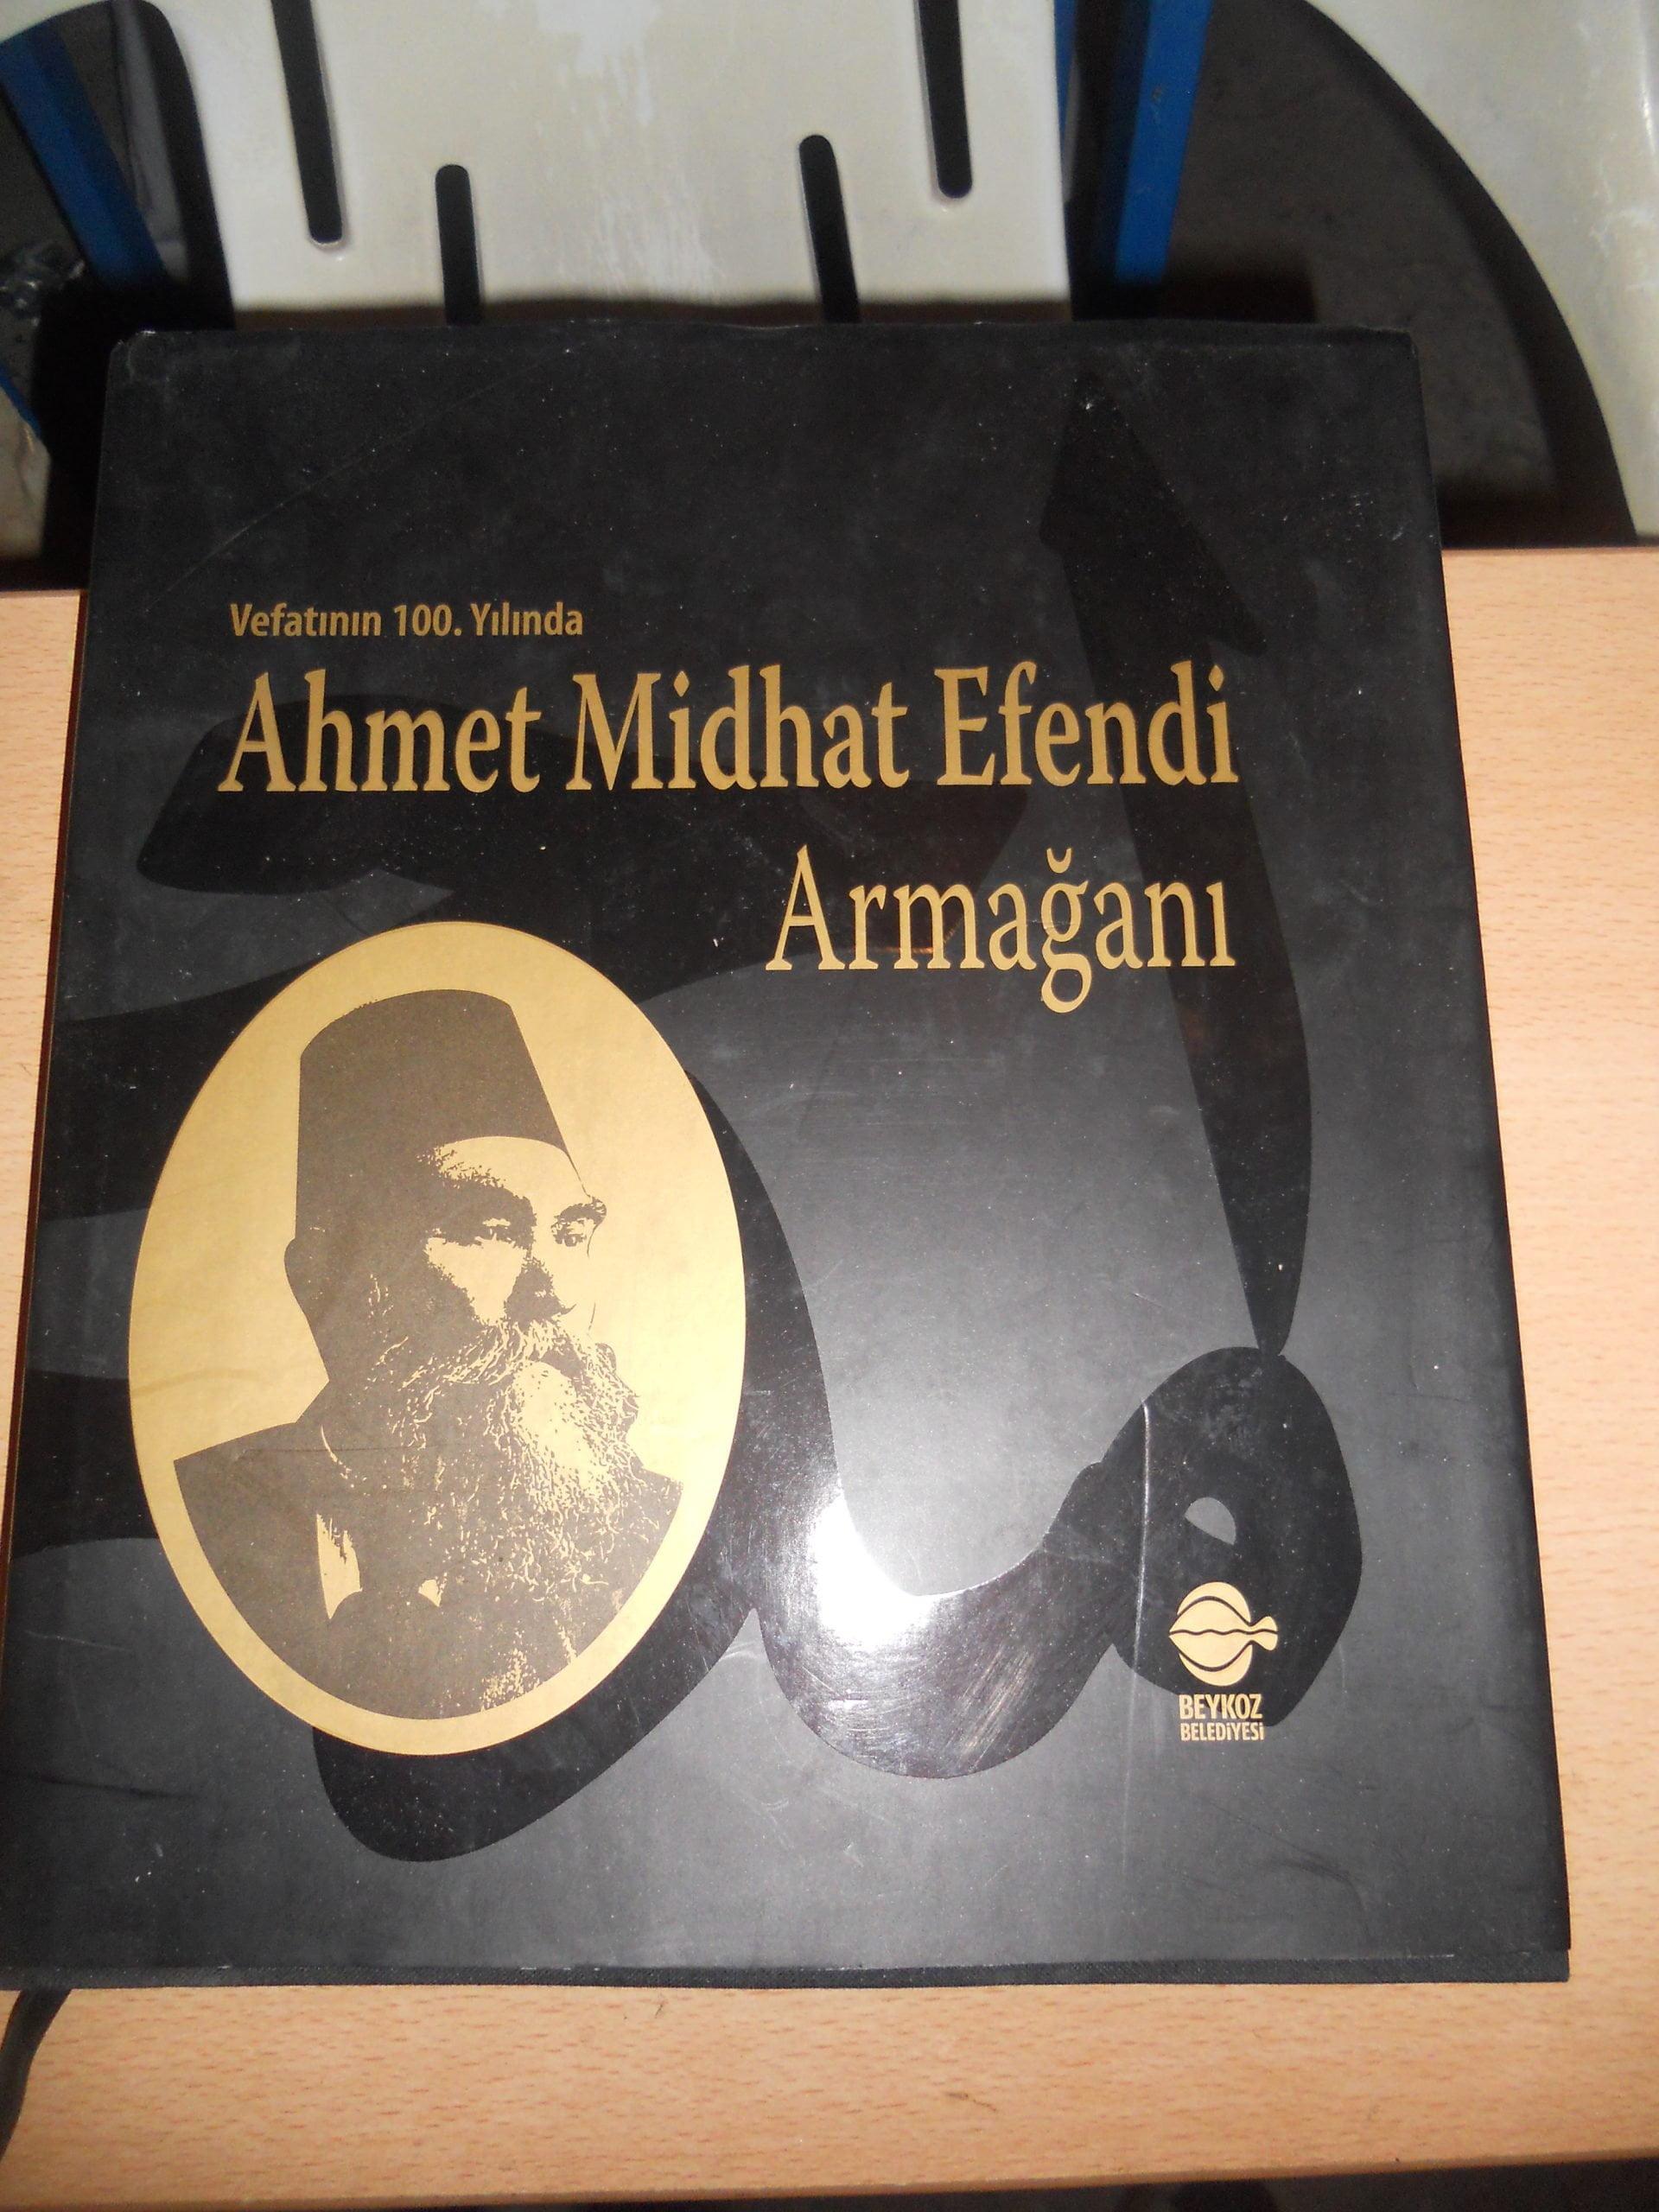 Vefatının 100 yılında AHMET MİTHAT EFENDİ ARMAĞANI/Sempozyum-Beykoz Belediyesi/ 50 TL